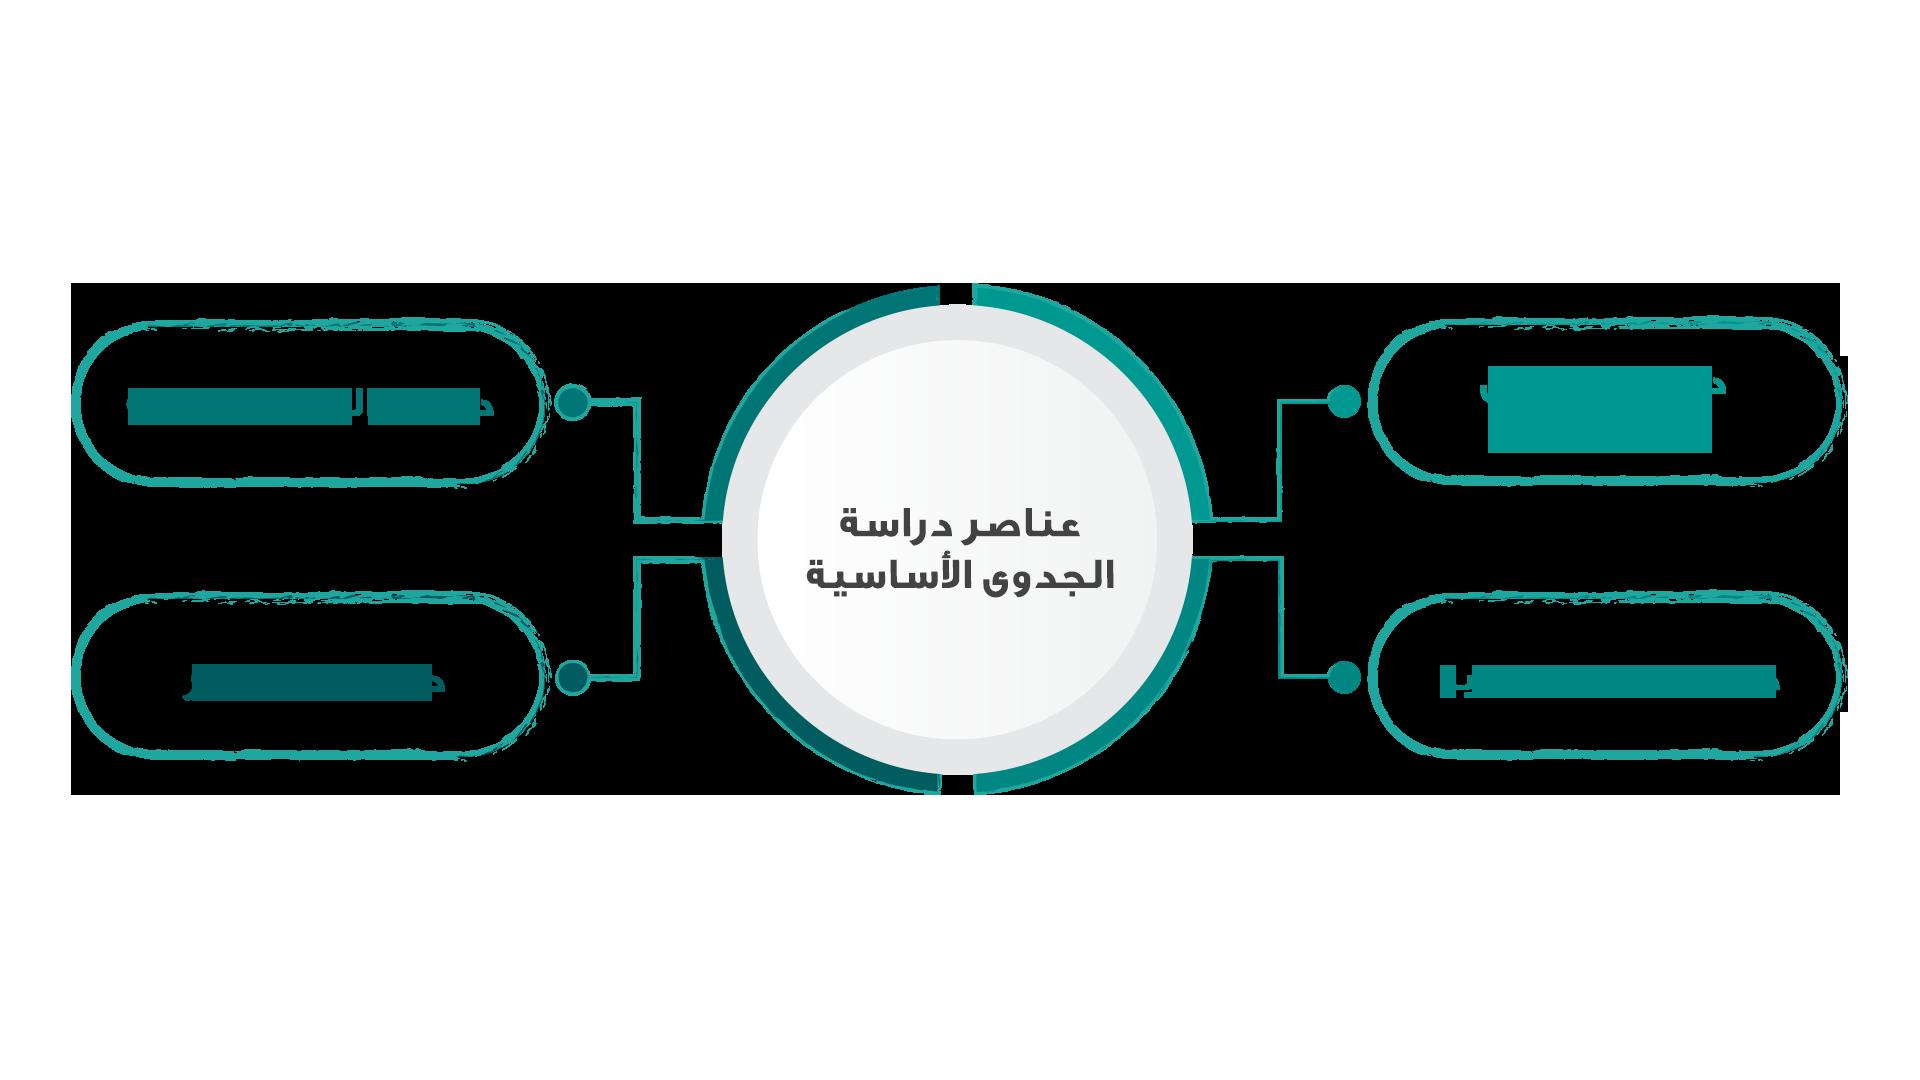 %D8%B9%D9%86%D8%A7%D8%B5%D8%B1 %D8%AF%D8%B1%D8%A7%D8%B3%D8%A9 %D8%A7%D9%84%D8%AC%D8%AF%D9%88%D9%89 %D8%A7%D9%84%D8%A3%D8%B3%D8%A7%D8%B3%D9%8A%D8%A9 - 4 عناصر أساسية يوفرها مكتب بناء في دراسة الجدوى لضمان نجاح المشروع